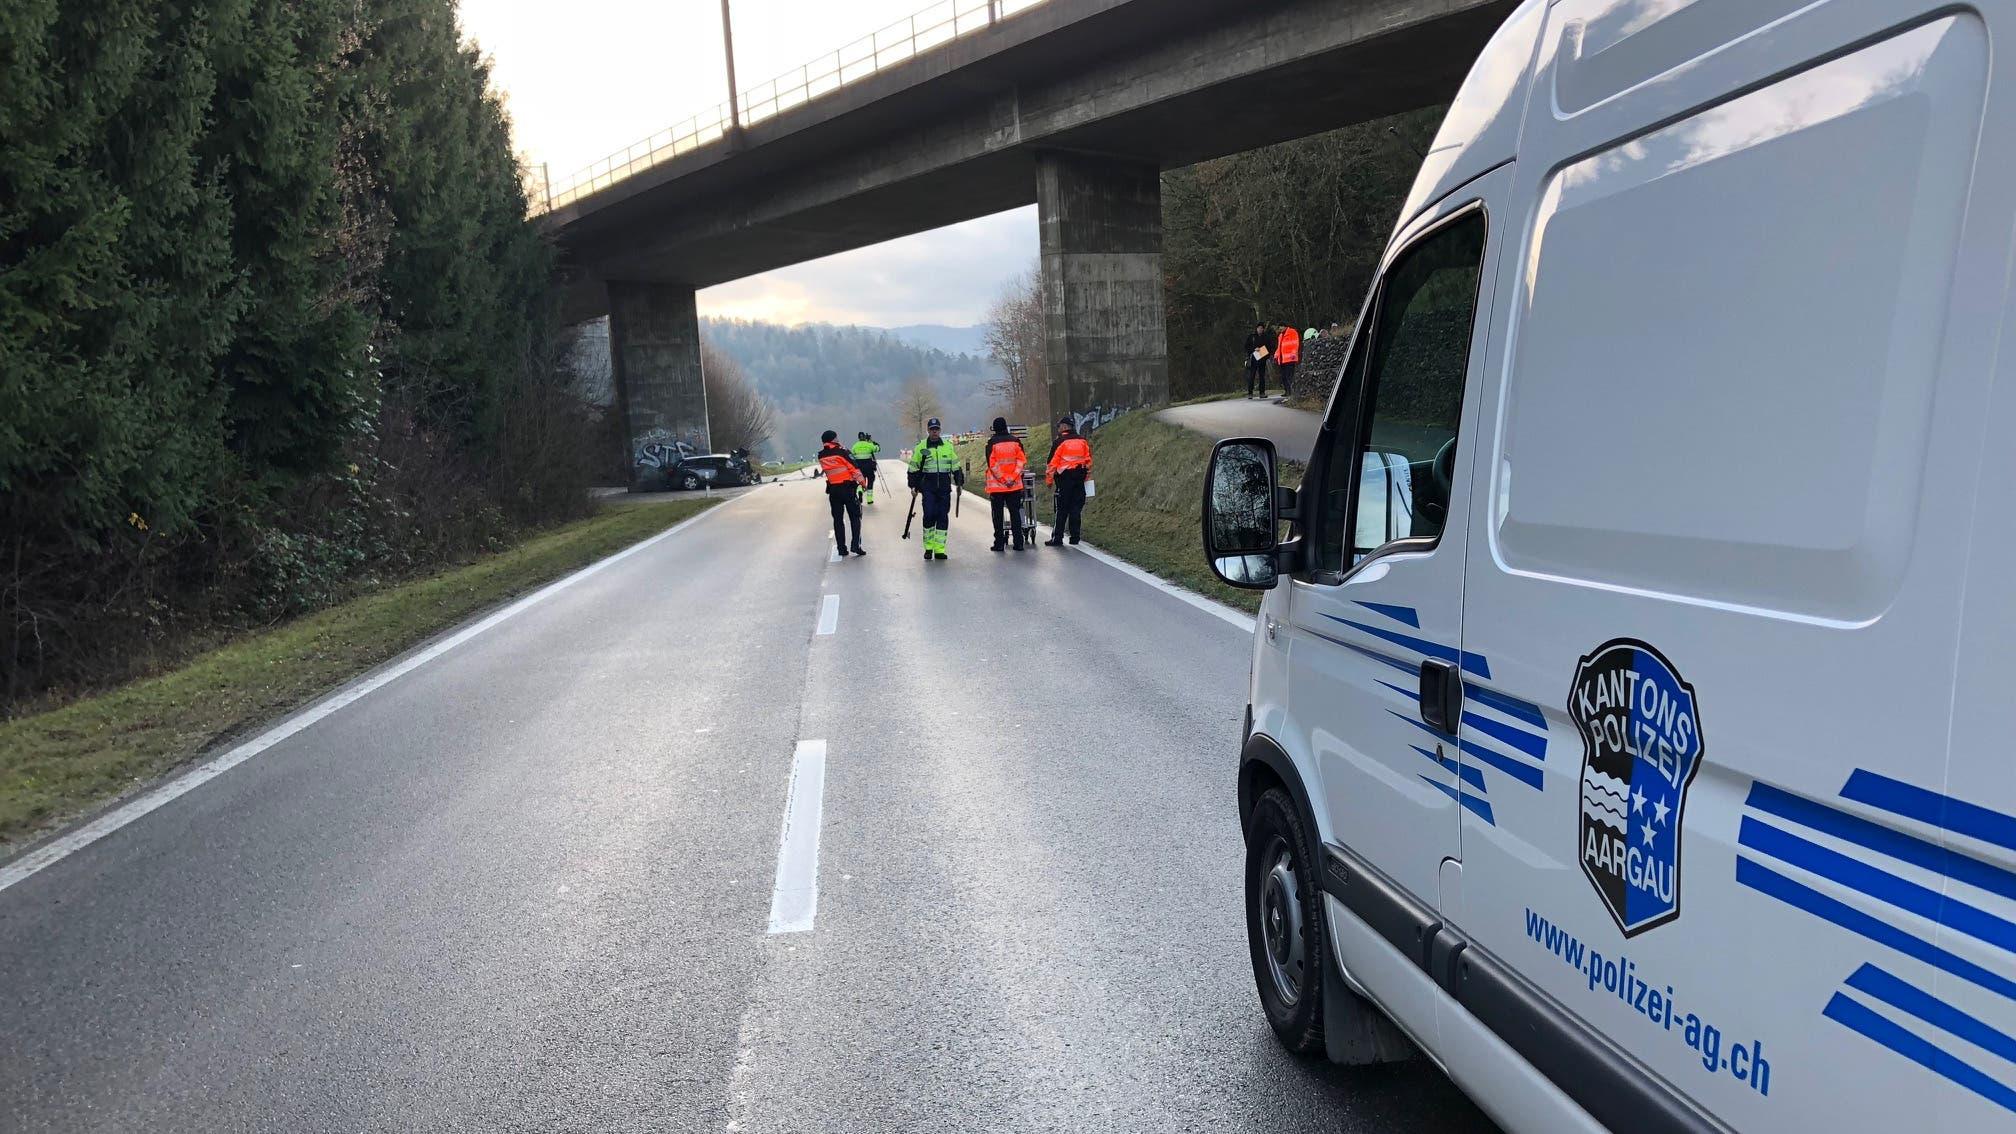 Die Tatbestandsaufnahme der Kantonspolizei dauerte mehrere Stunden.